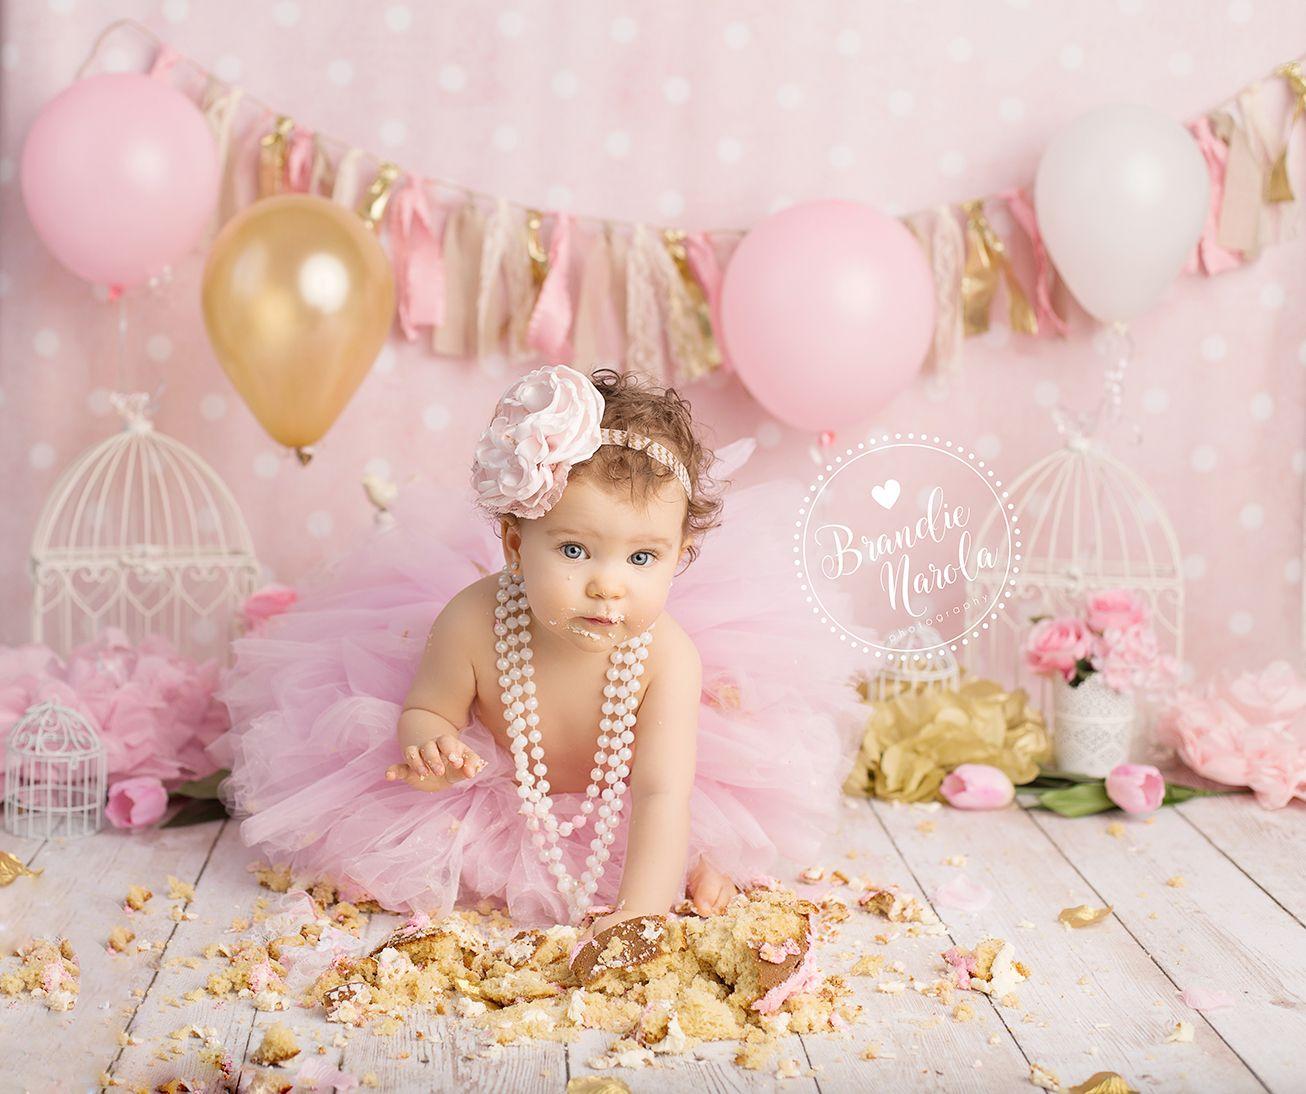 Cake Smash Girl Cake Smash Pink And Gold Cake Smash